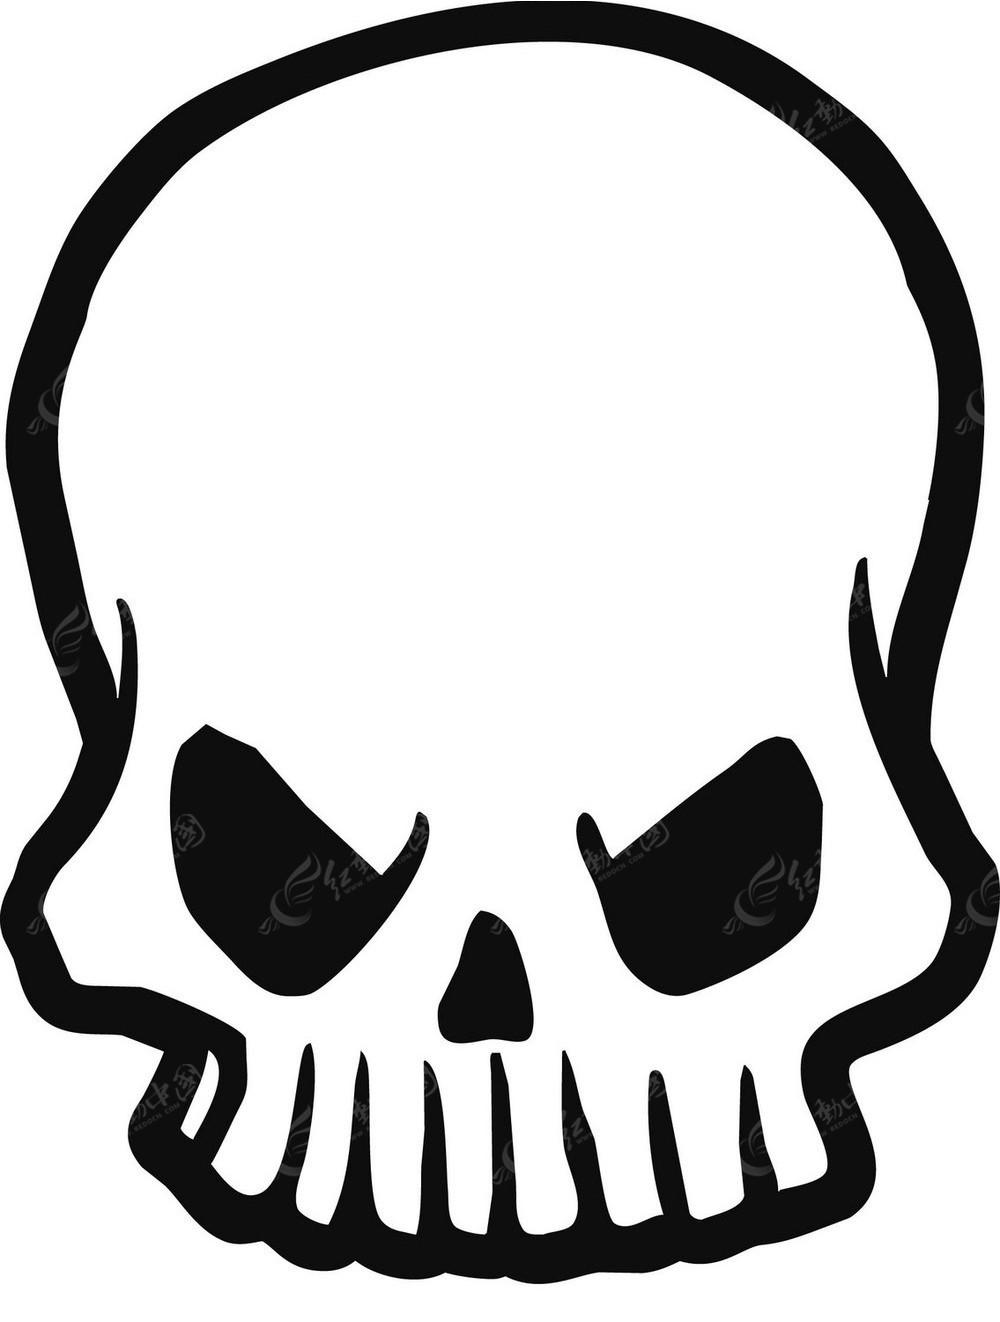 黑白手绘骷髅头图案